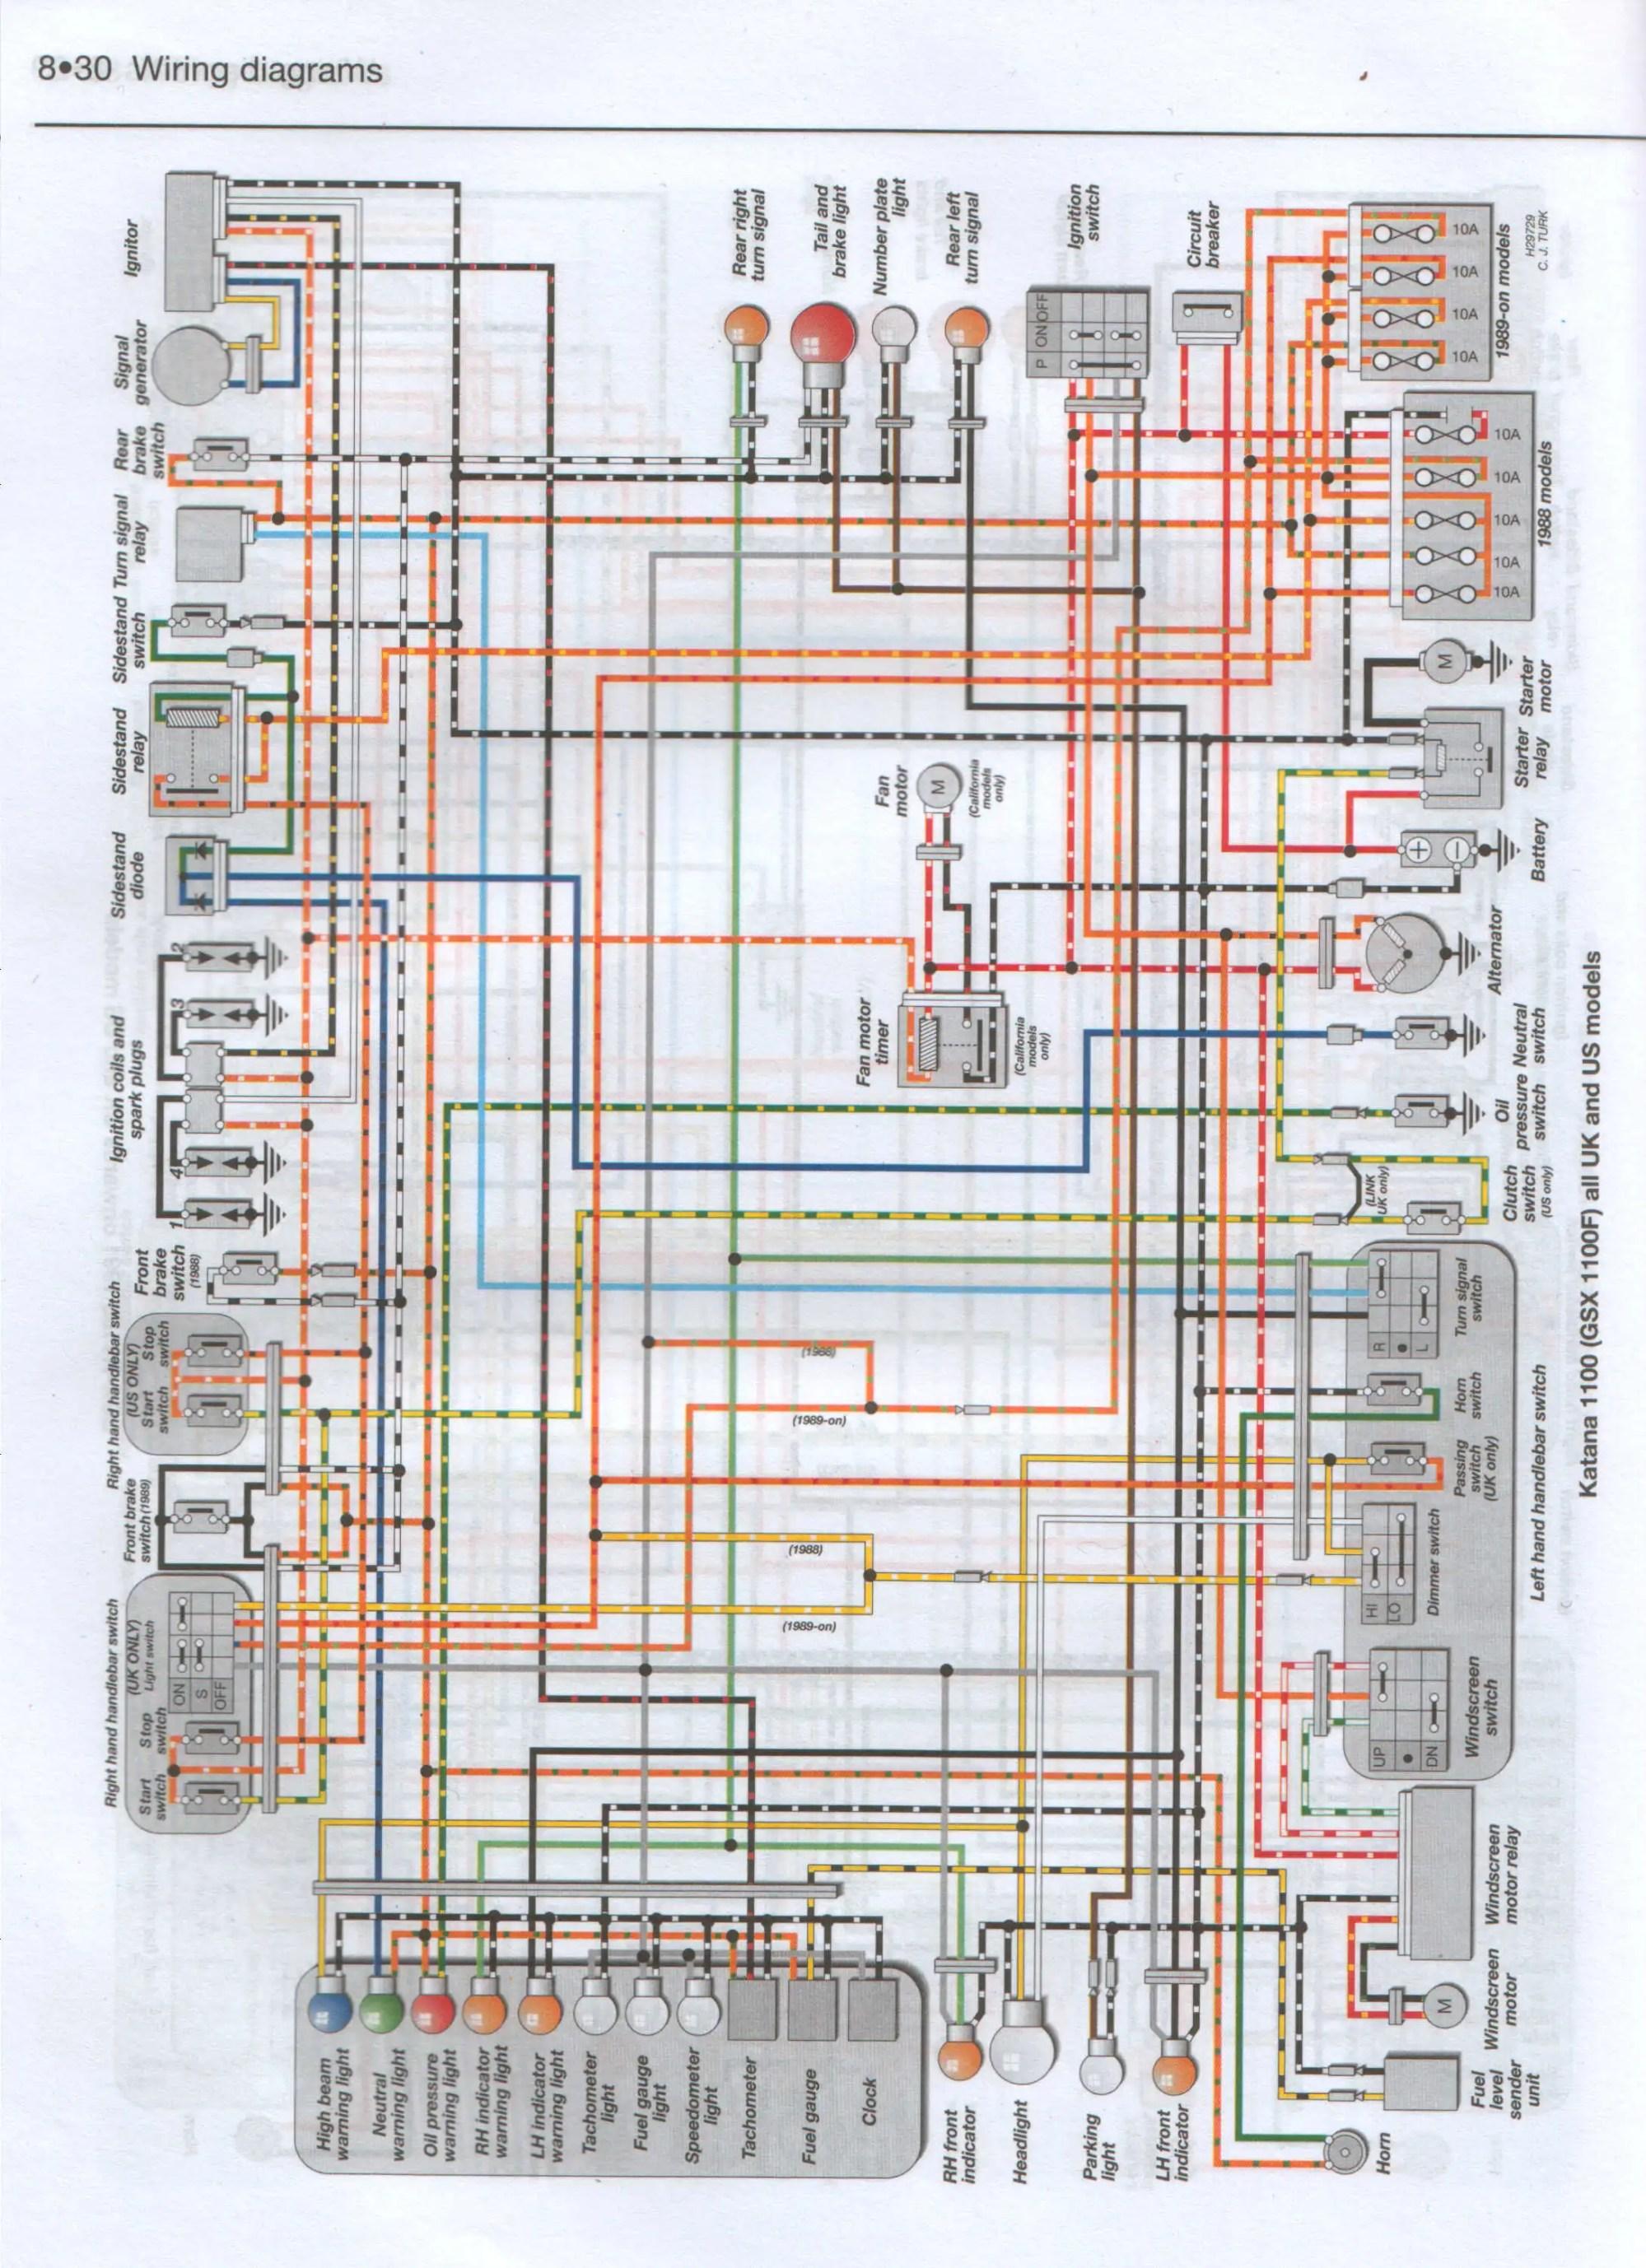 hight resolution of manuali d uso e manutenzione moto duomoto suzuki tl1000s wiring diagram